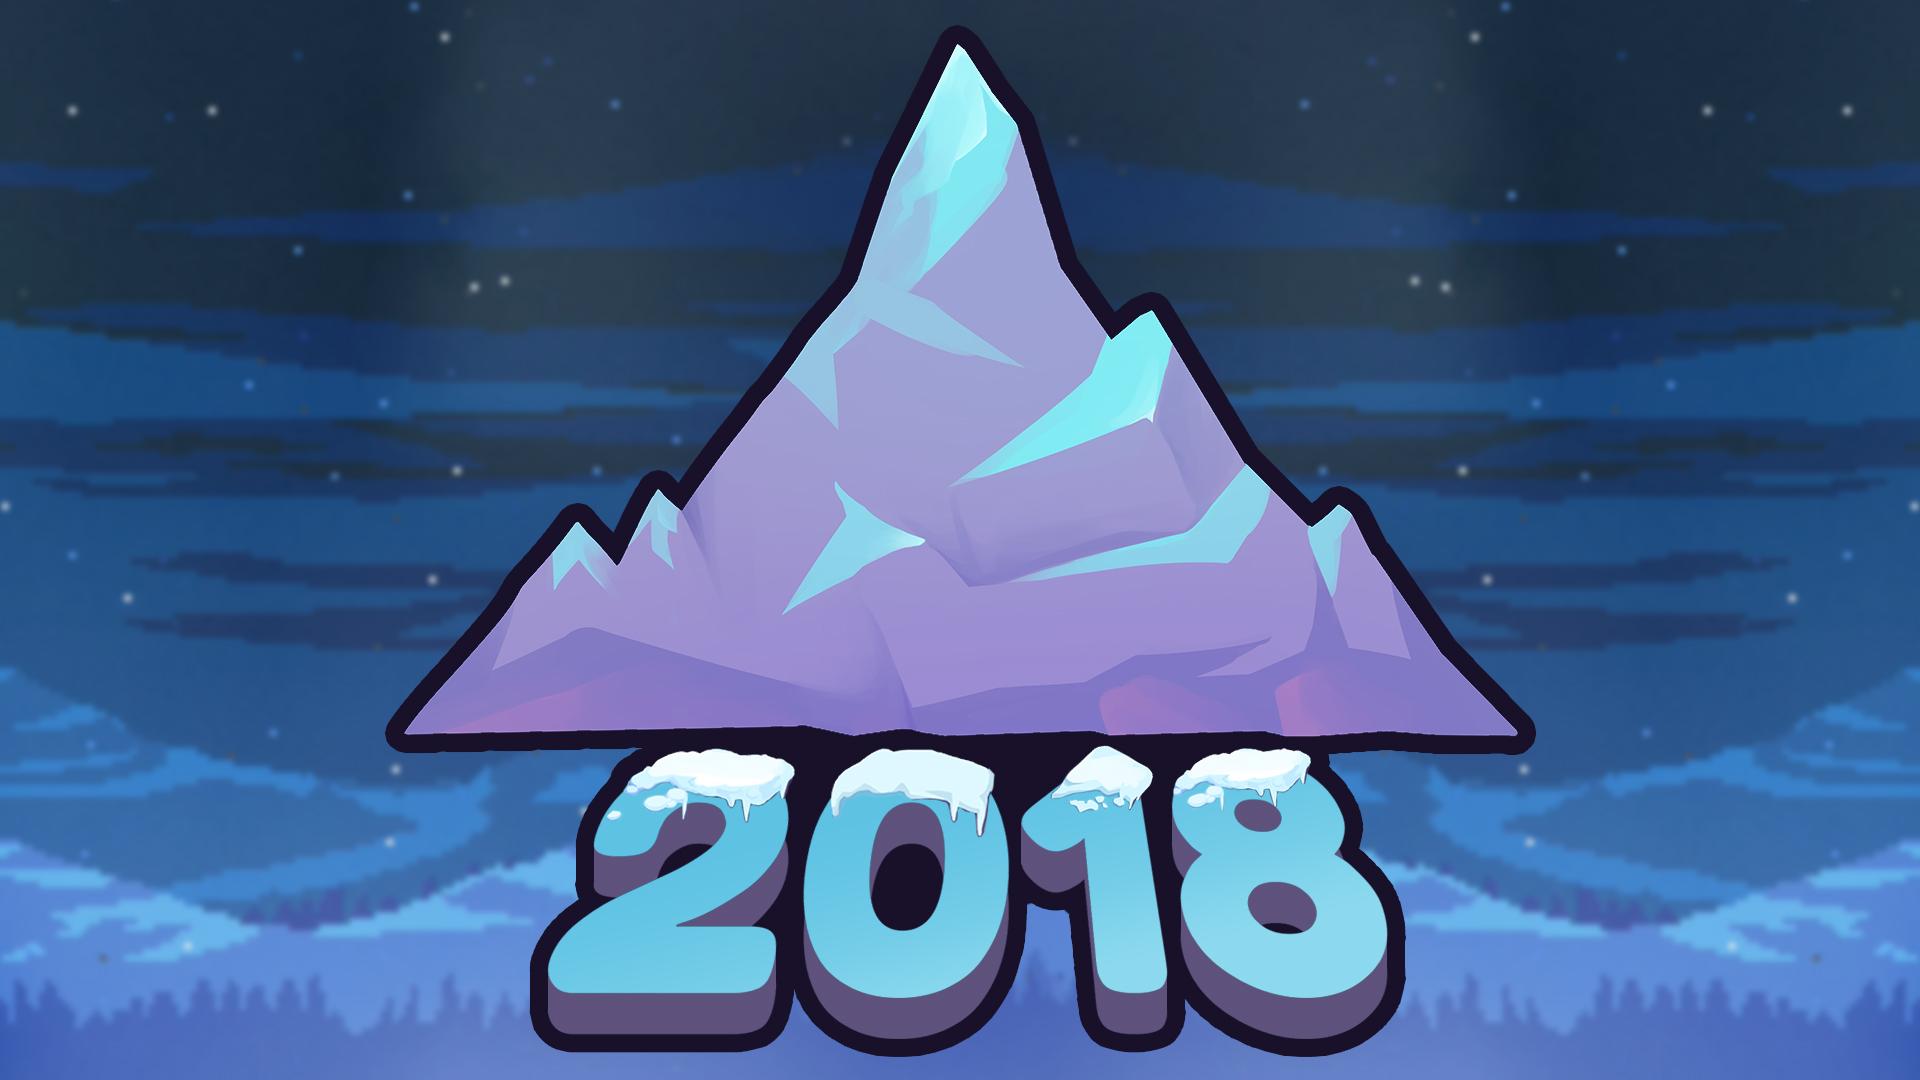 2018 Celeste.jpg